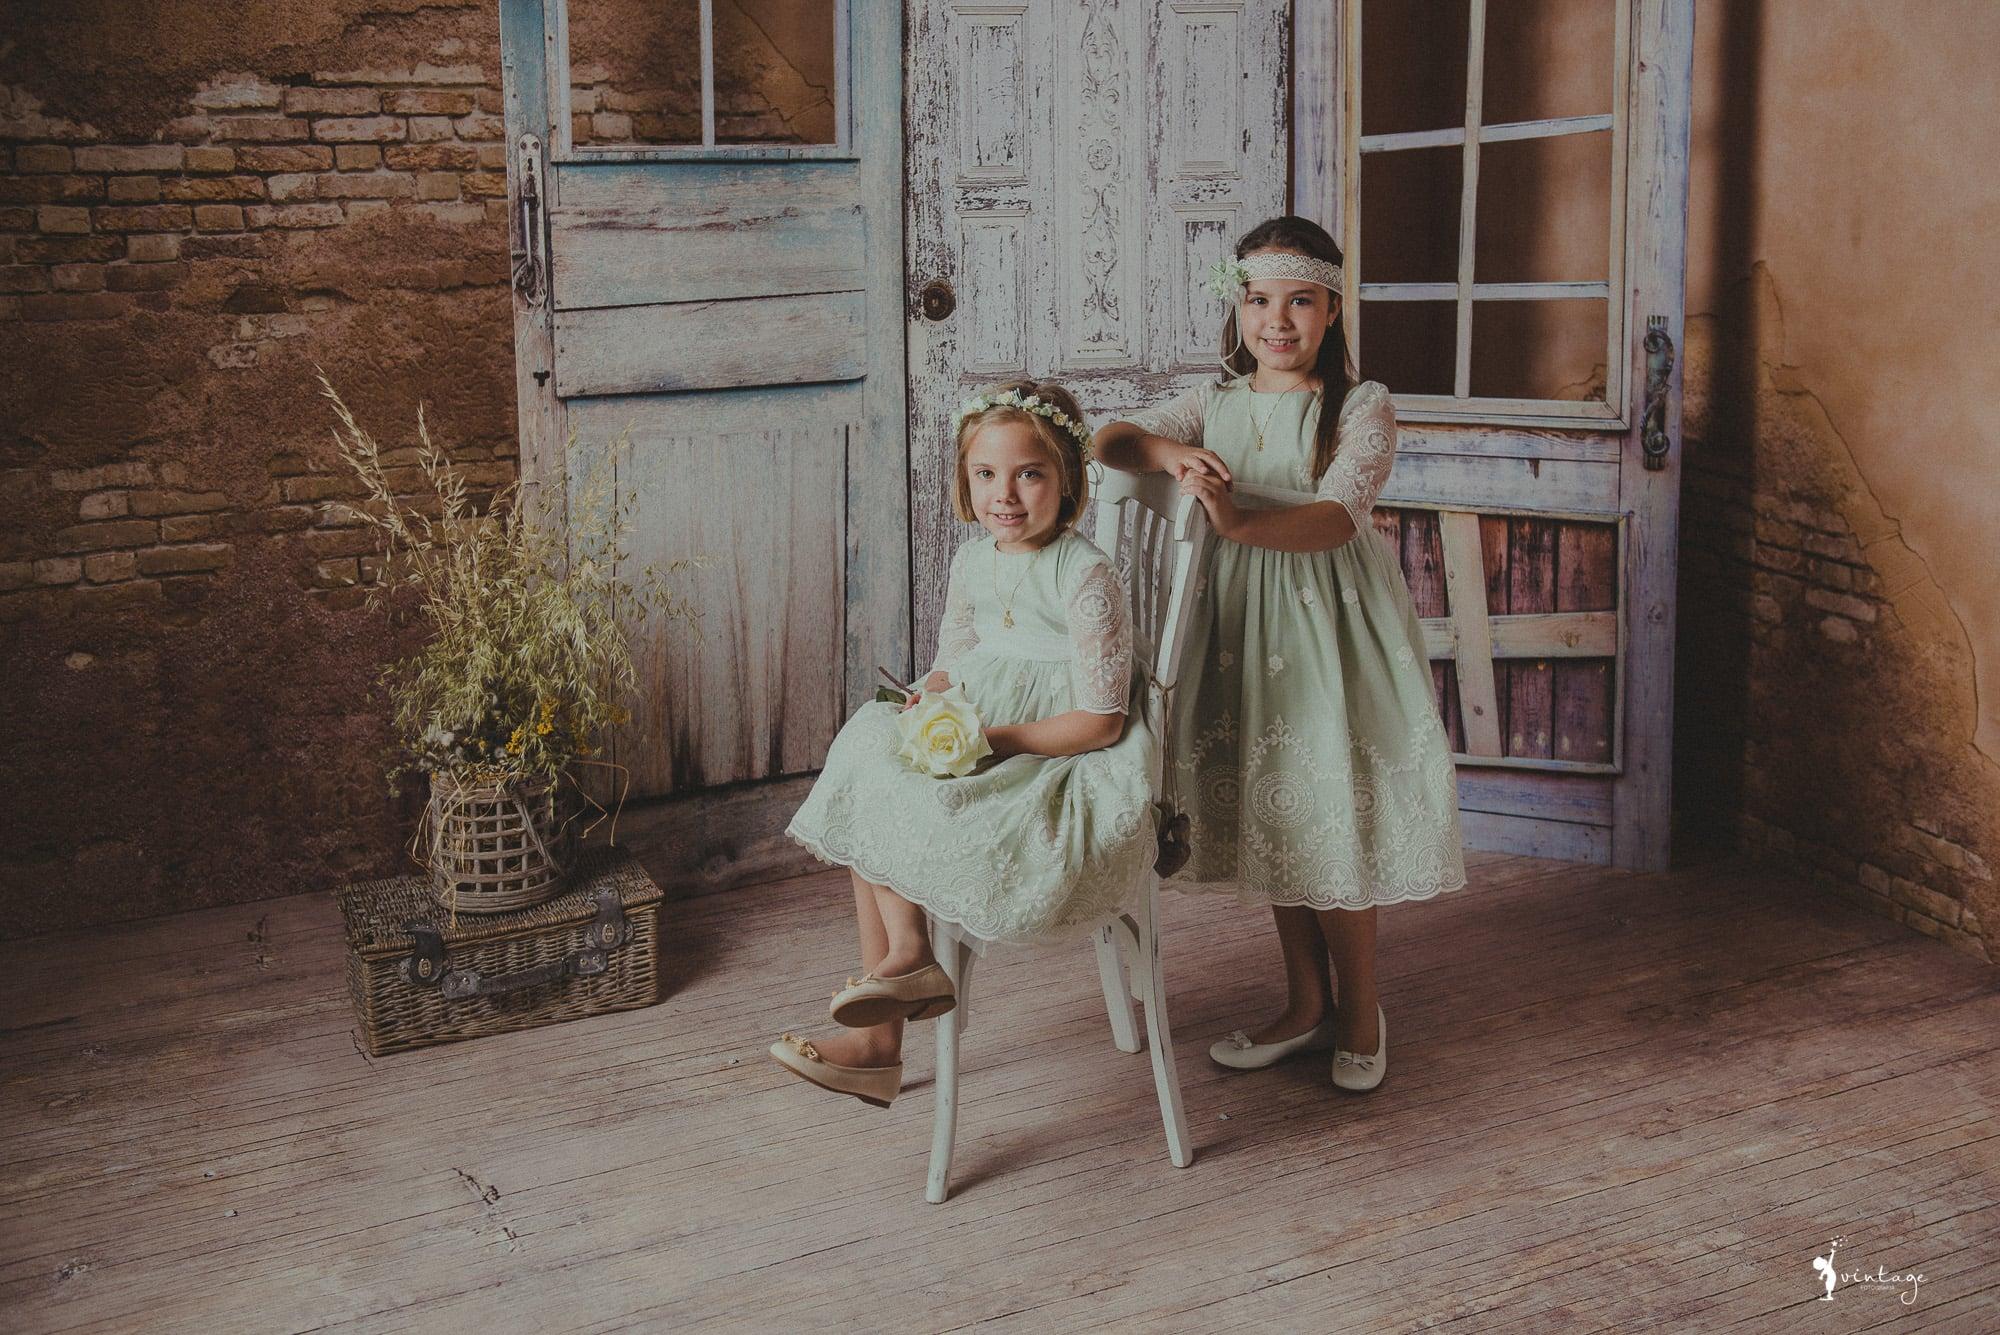 fotografo de comunion reportaje fotografia de comunion vintage toni lara valencia las palmas